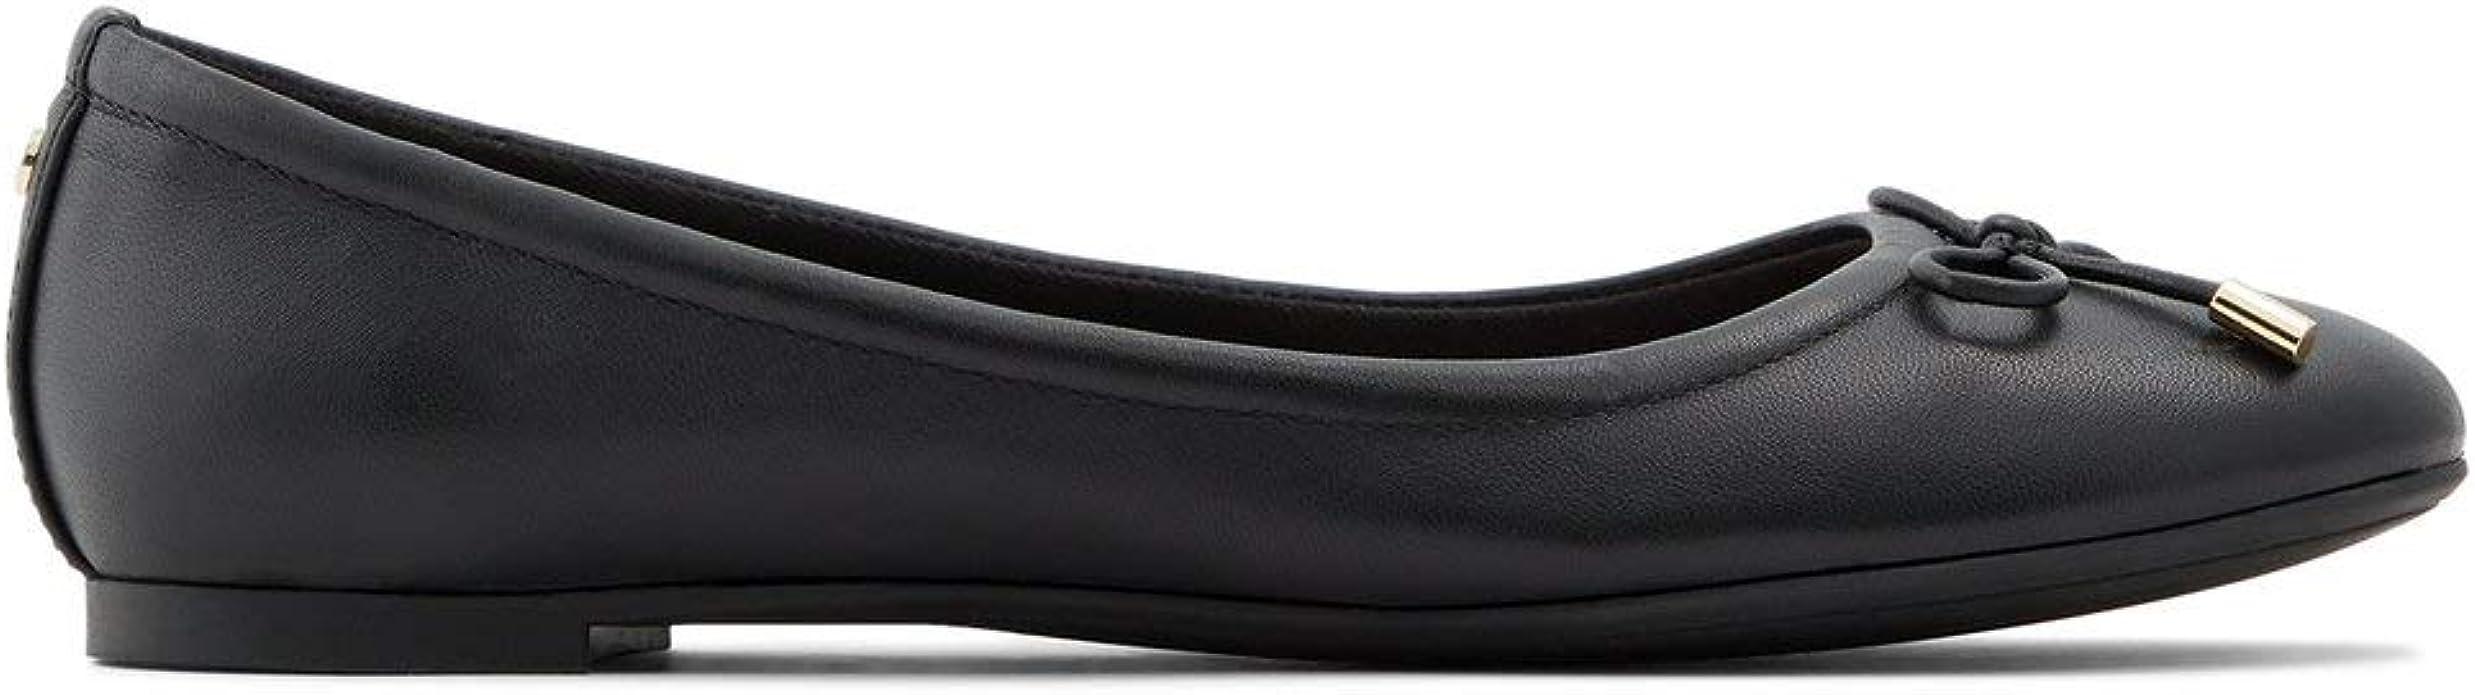 ALDO Women's Unelamma Ballet Flat Shoe